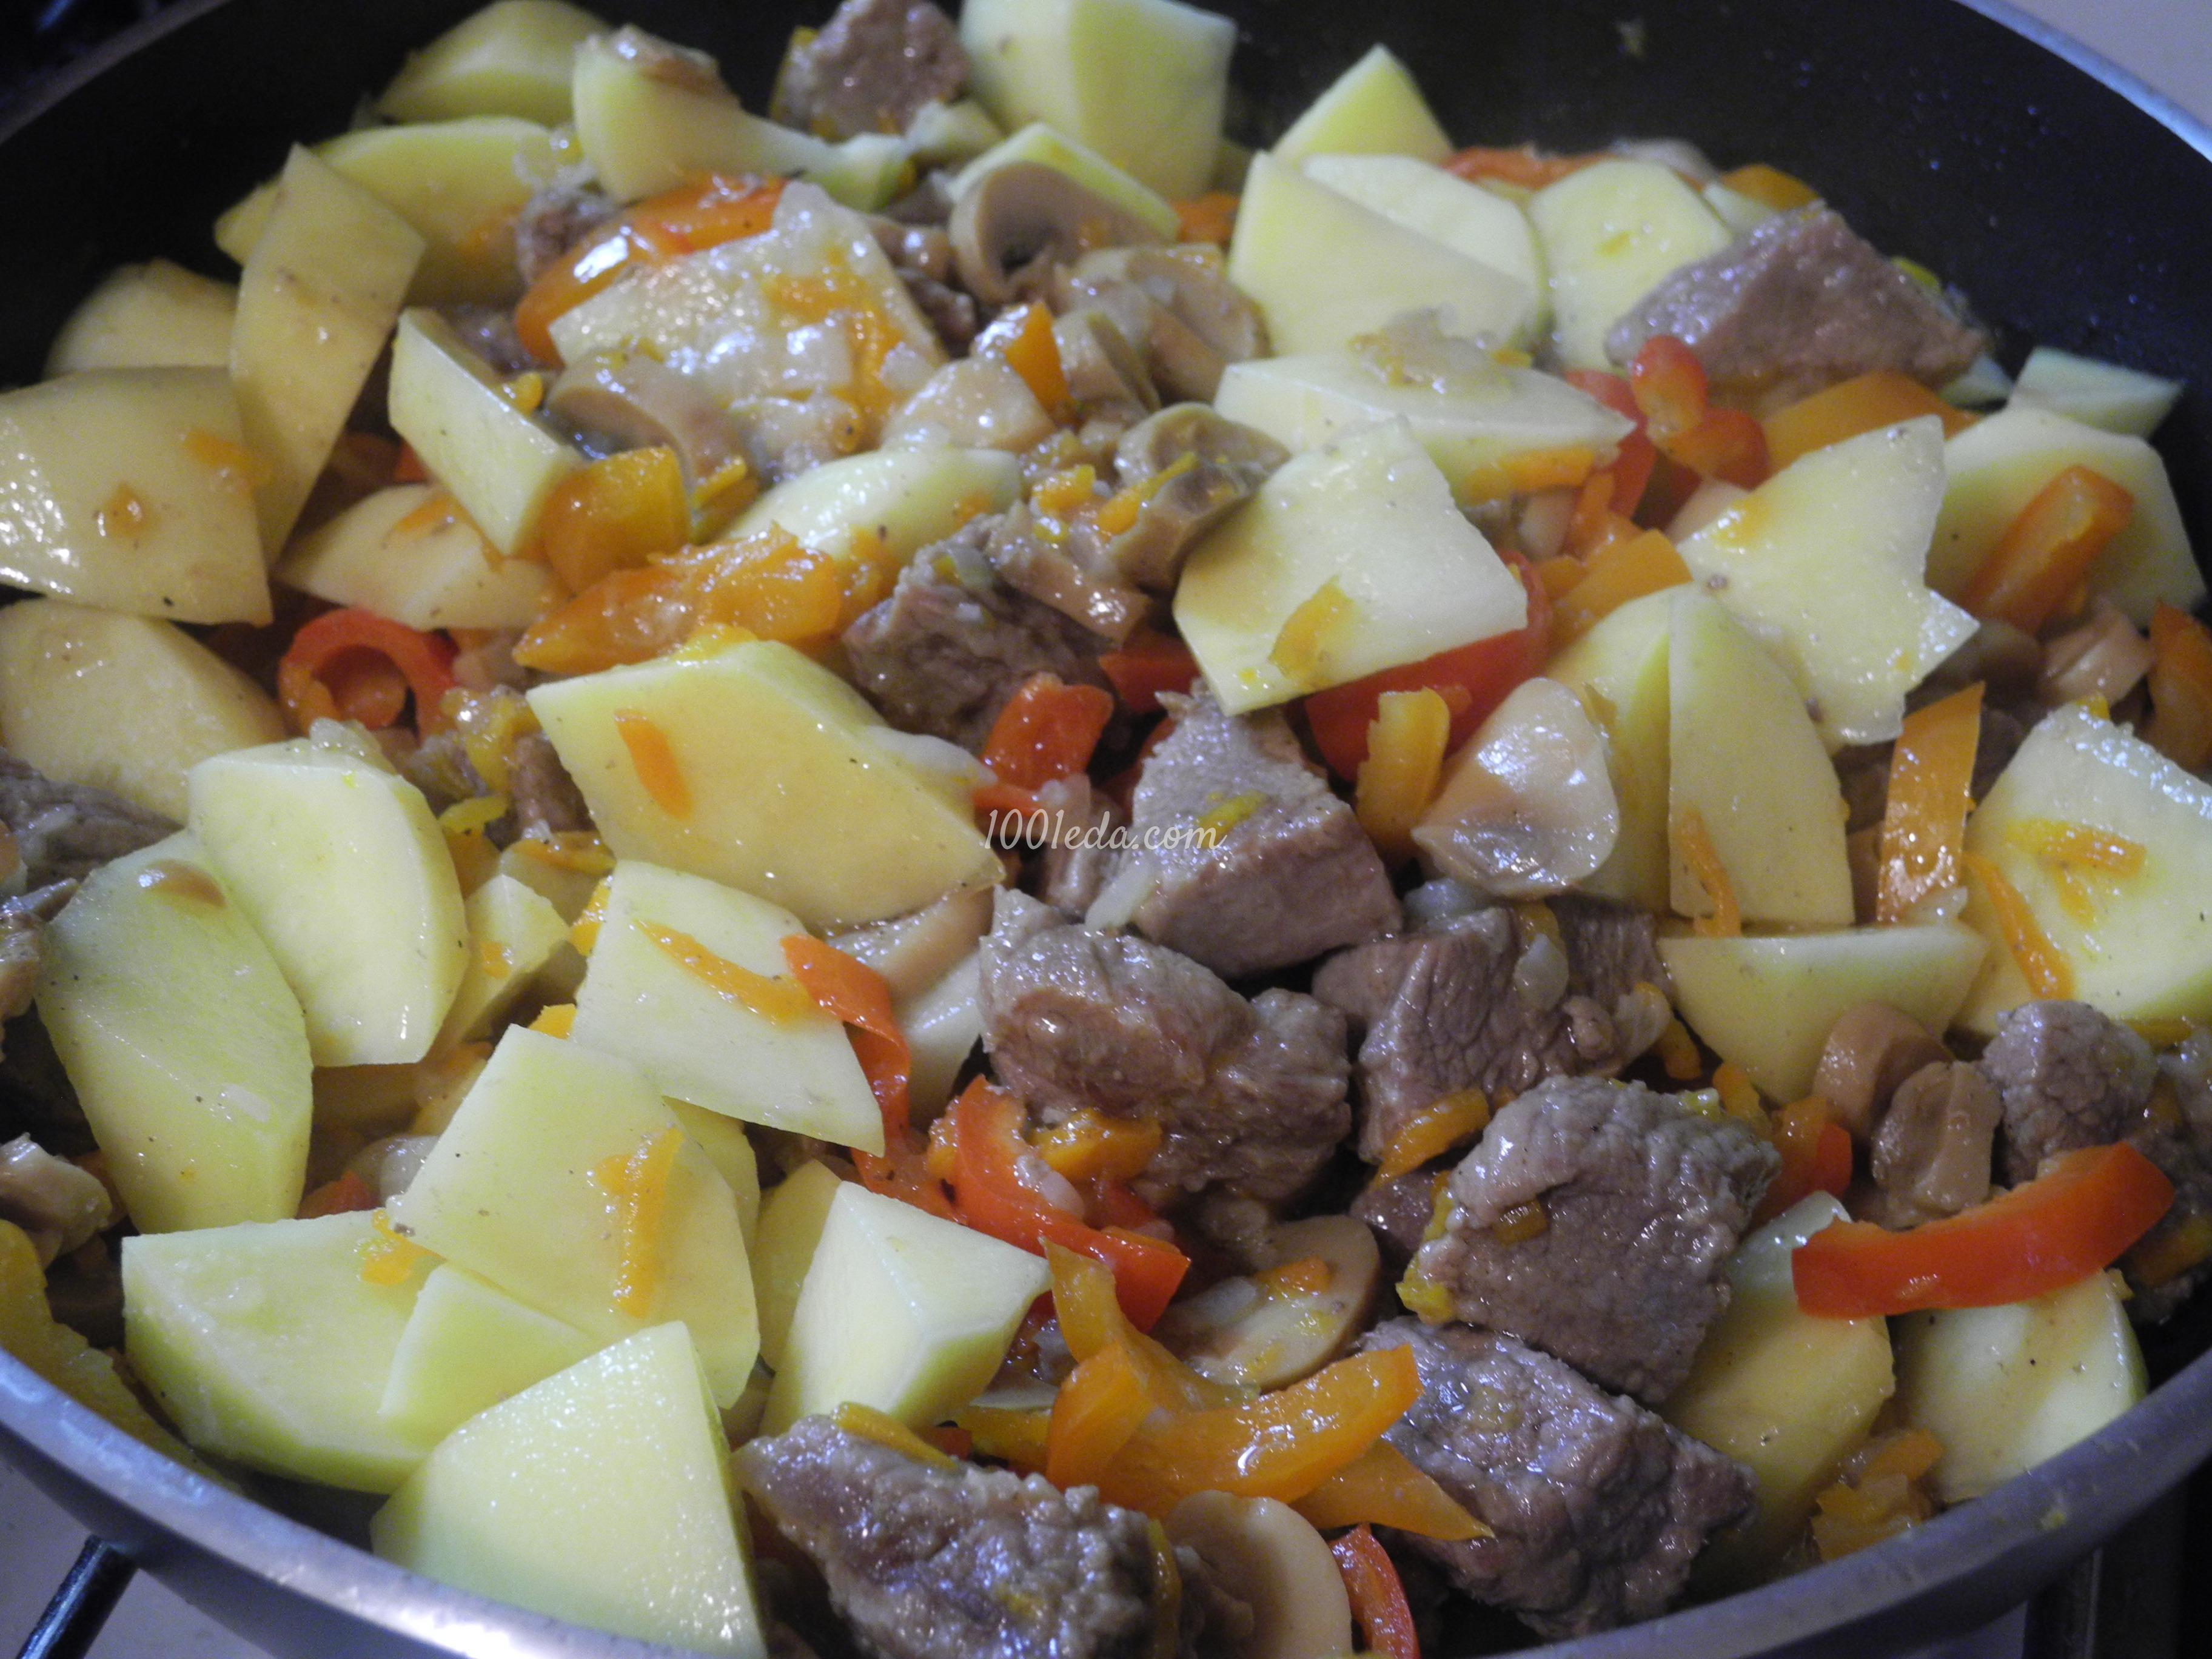 картошка и грибы в мультиварке рецепты с фото